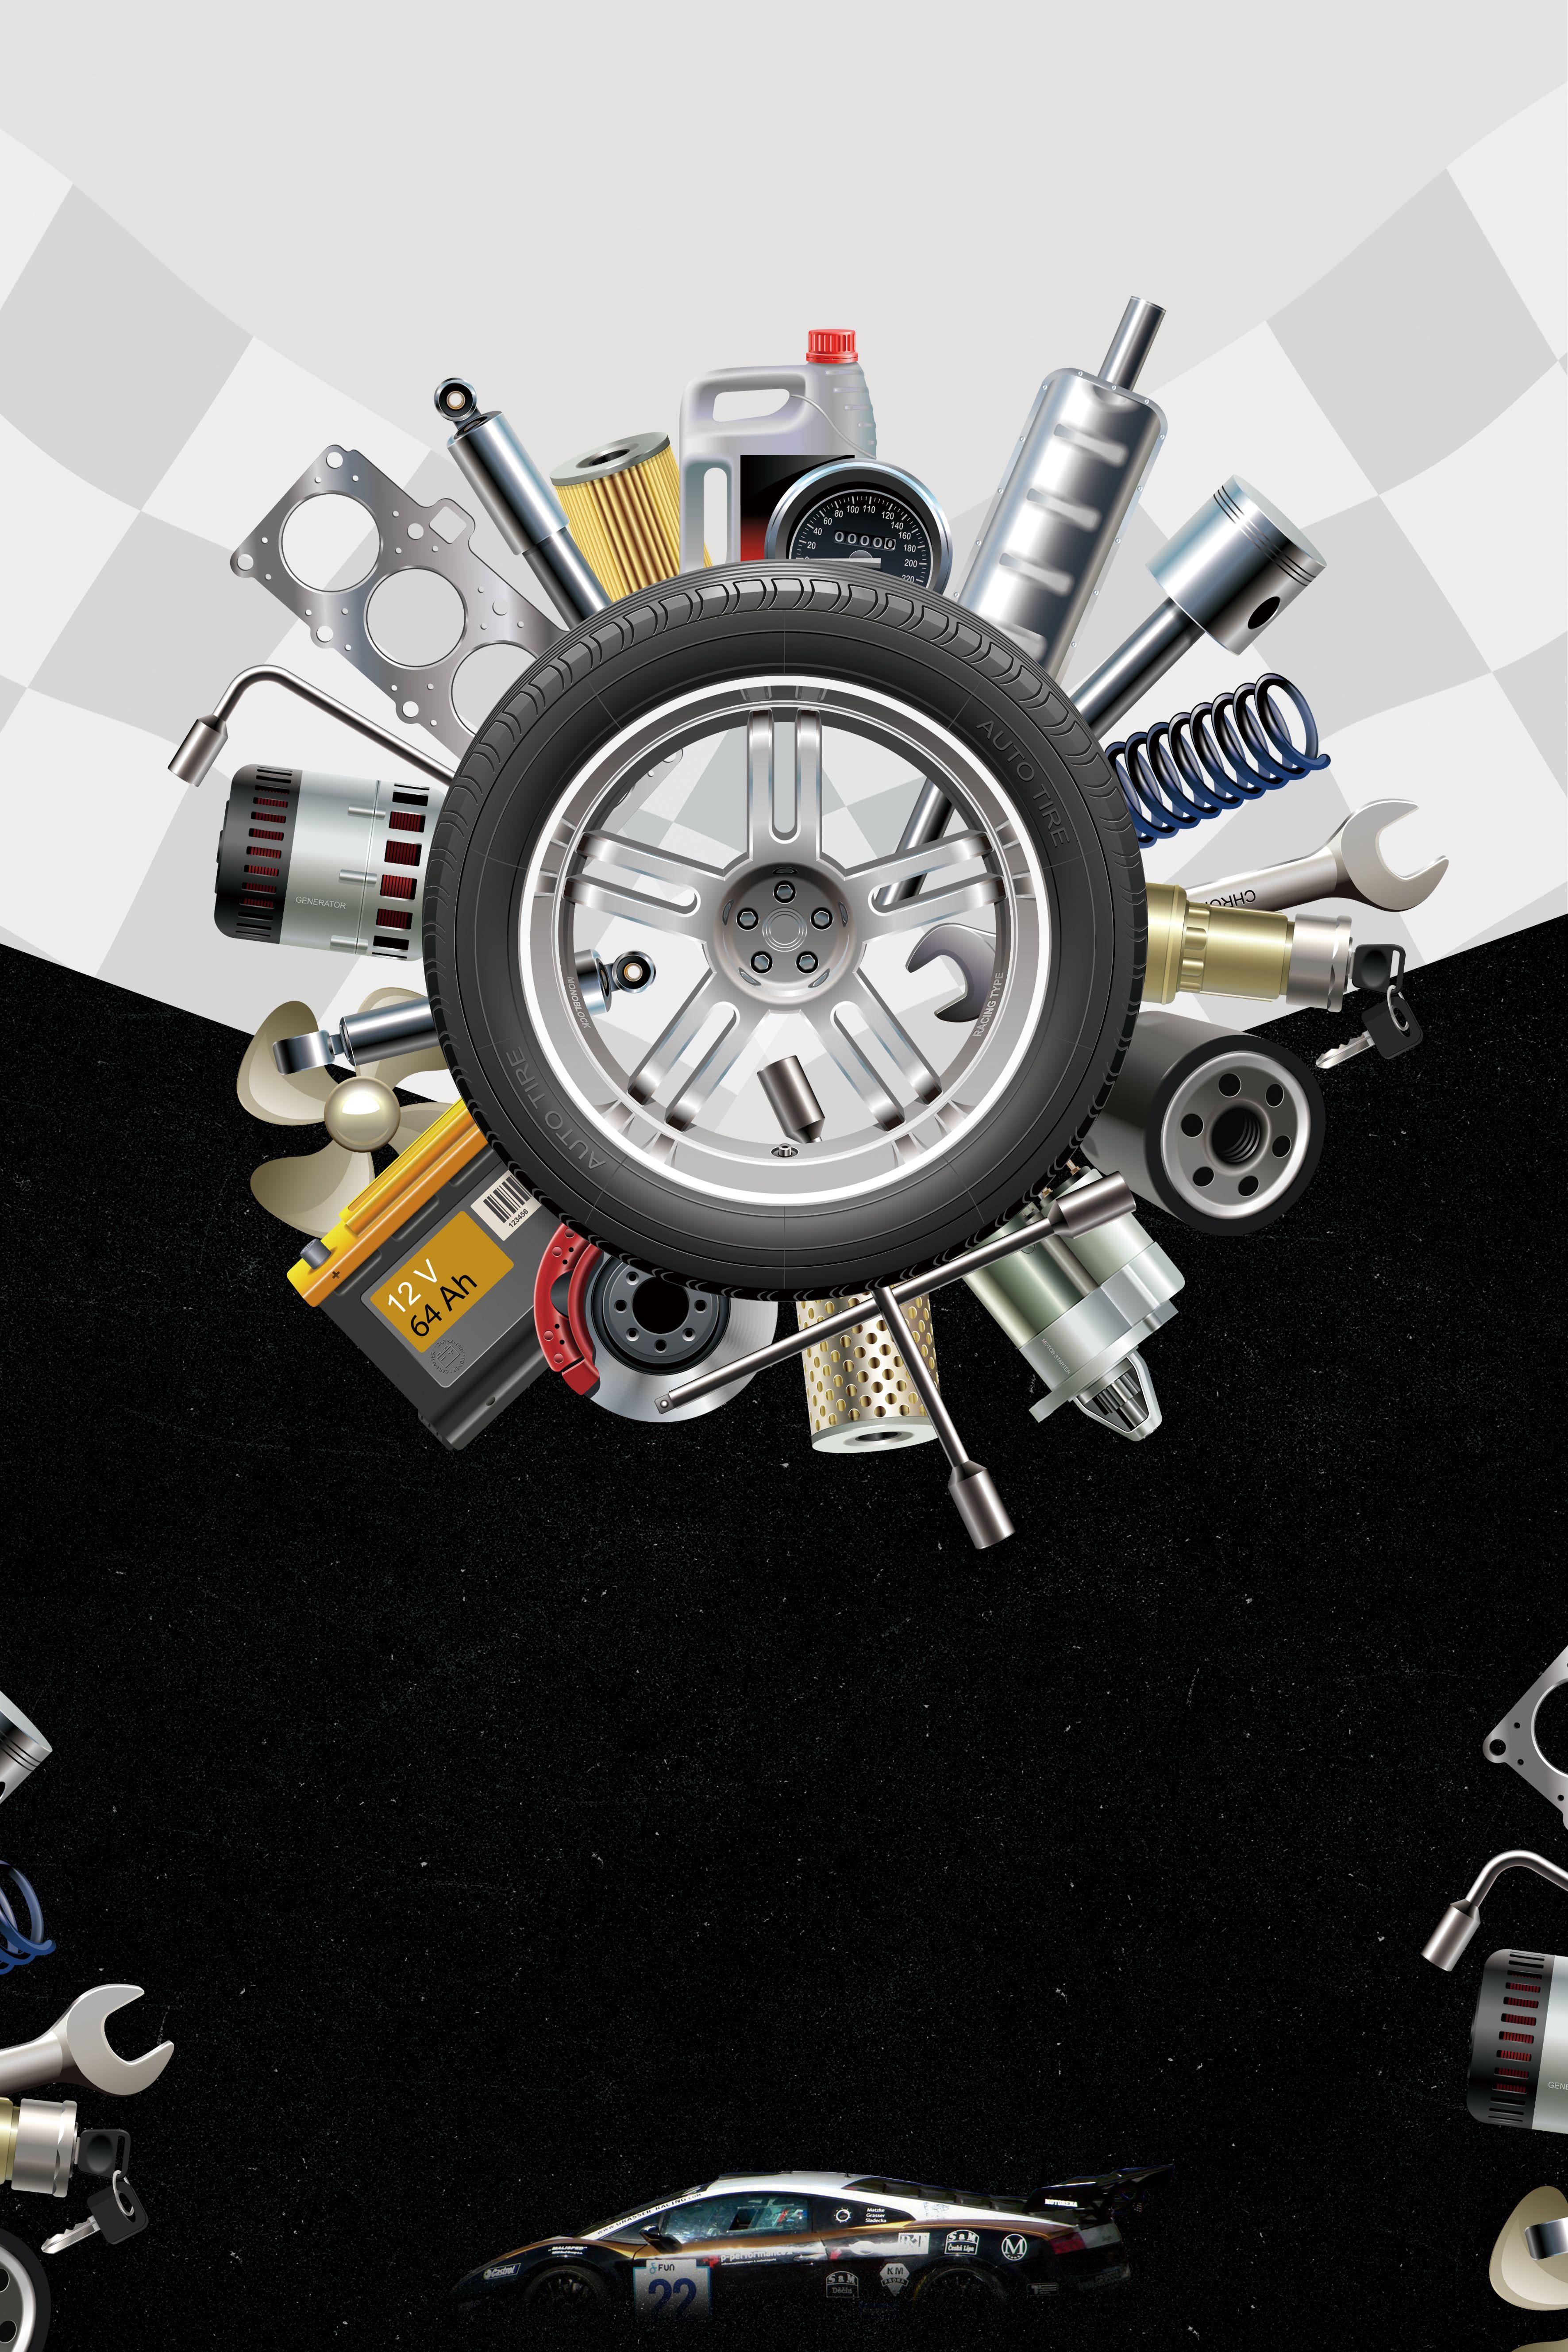 Creative Tire Repair Tool Car Repair Poster Background Material Tire Repair Tire Repair Tools Auto Repair